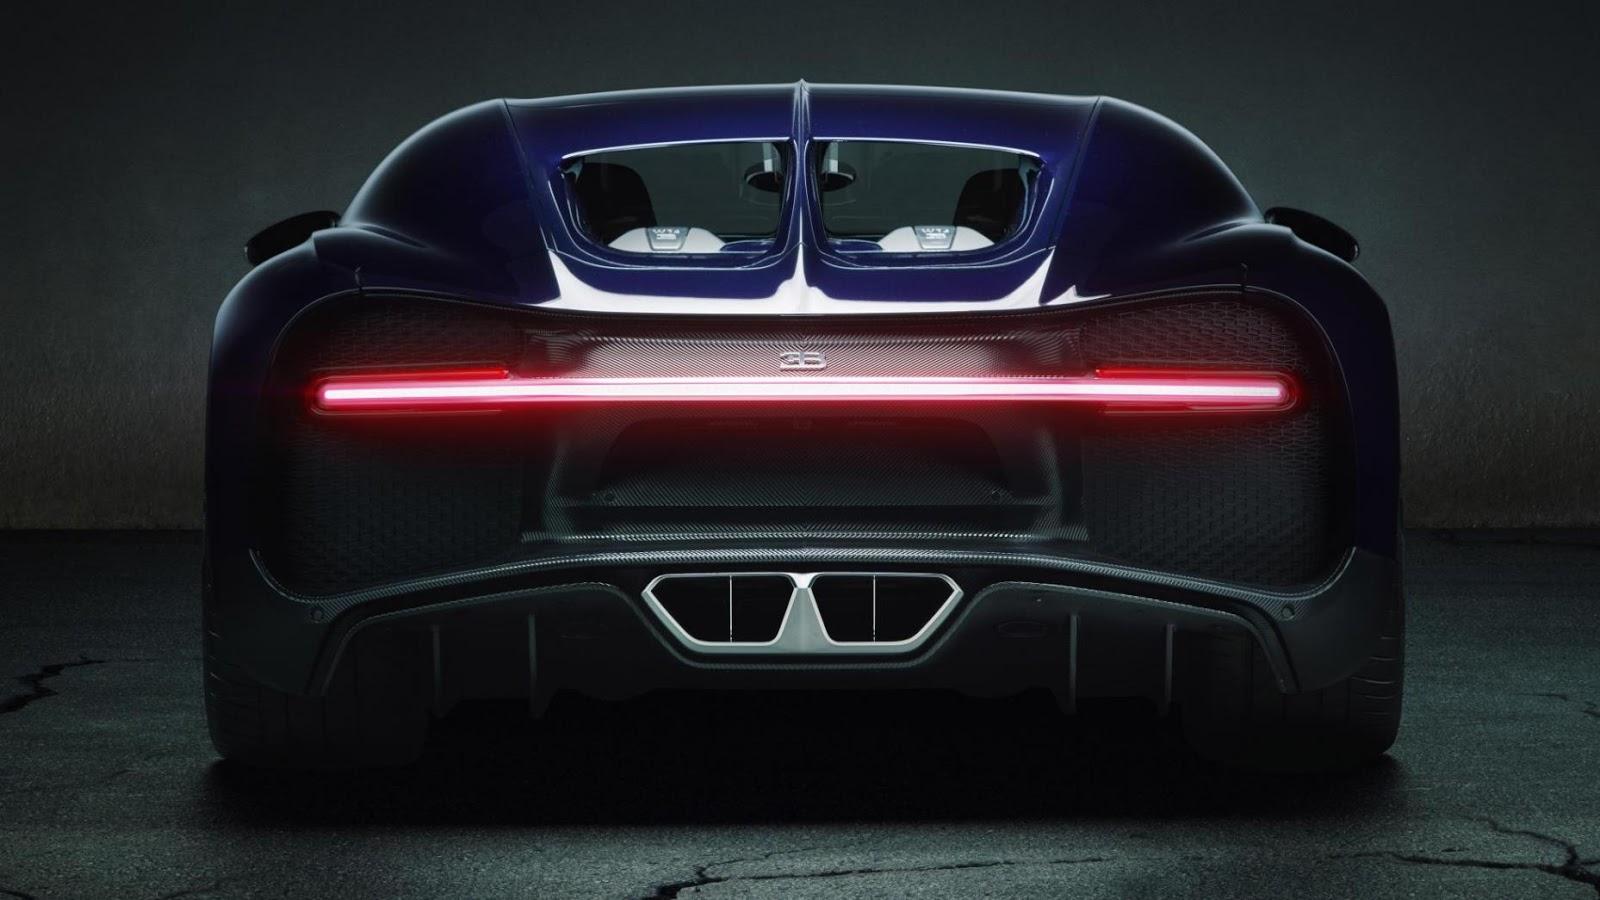 Siêu xe nào tăng tốc 0 lên 100 km/h nhanh nhất?